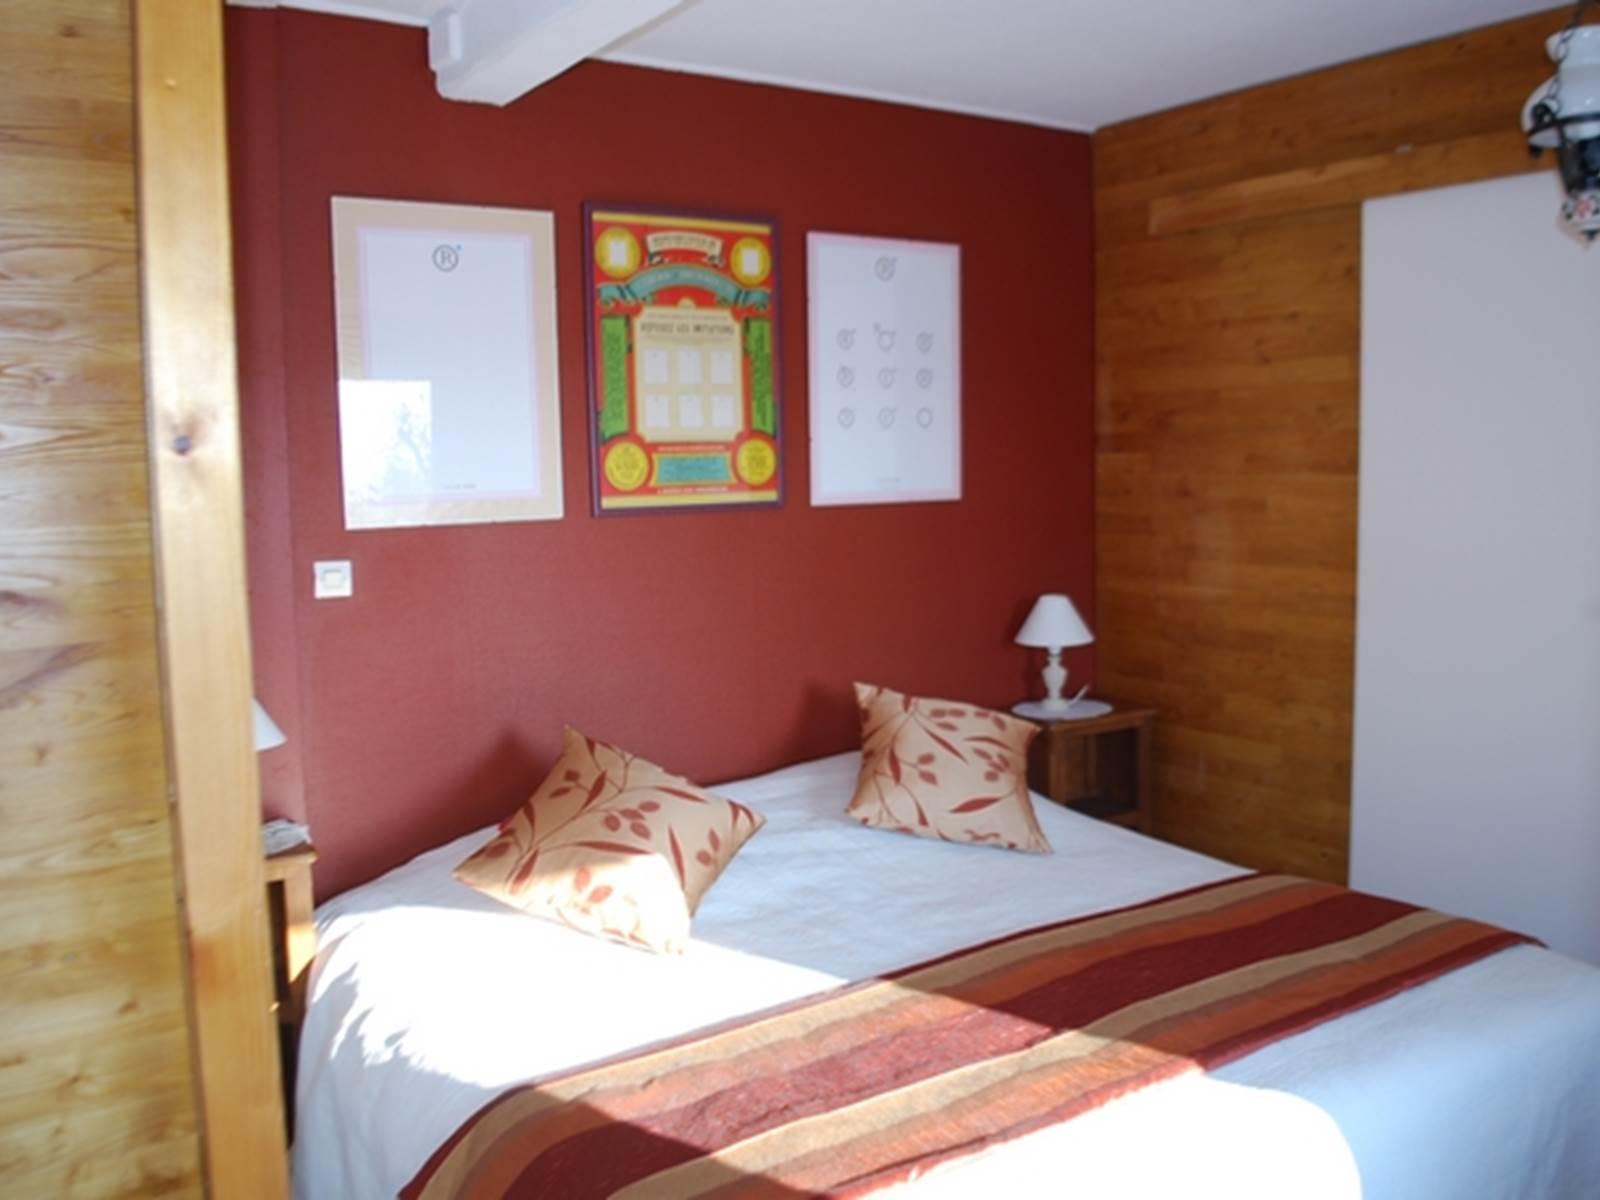 Chambre L'R de Rien lit de 1,80m x 2,00m, belle luminosité